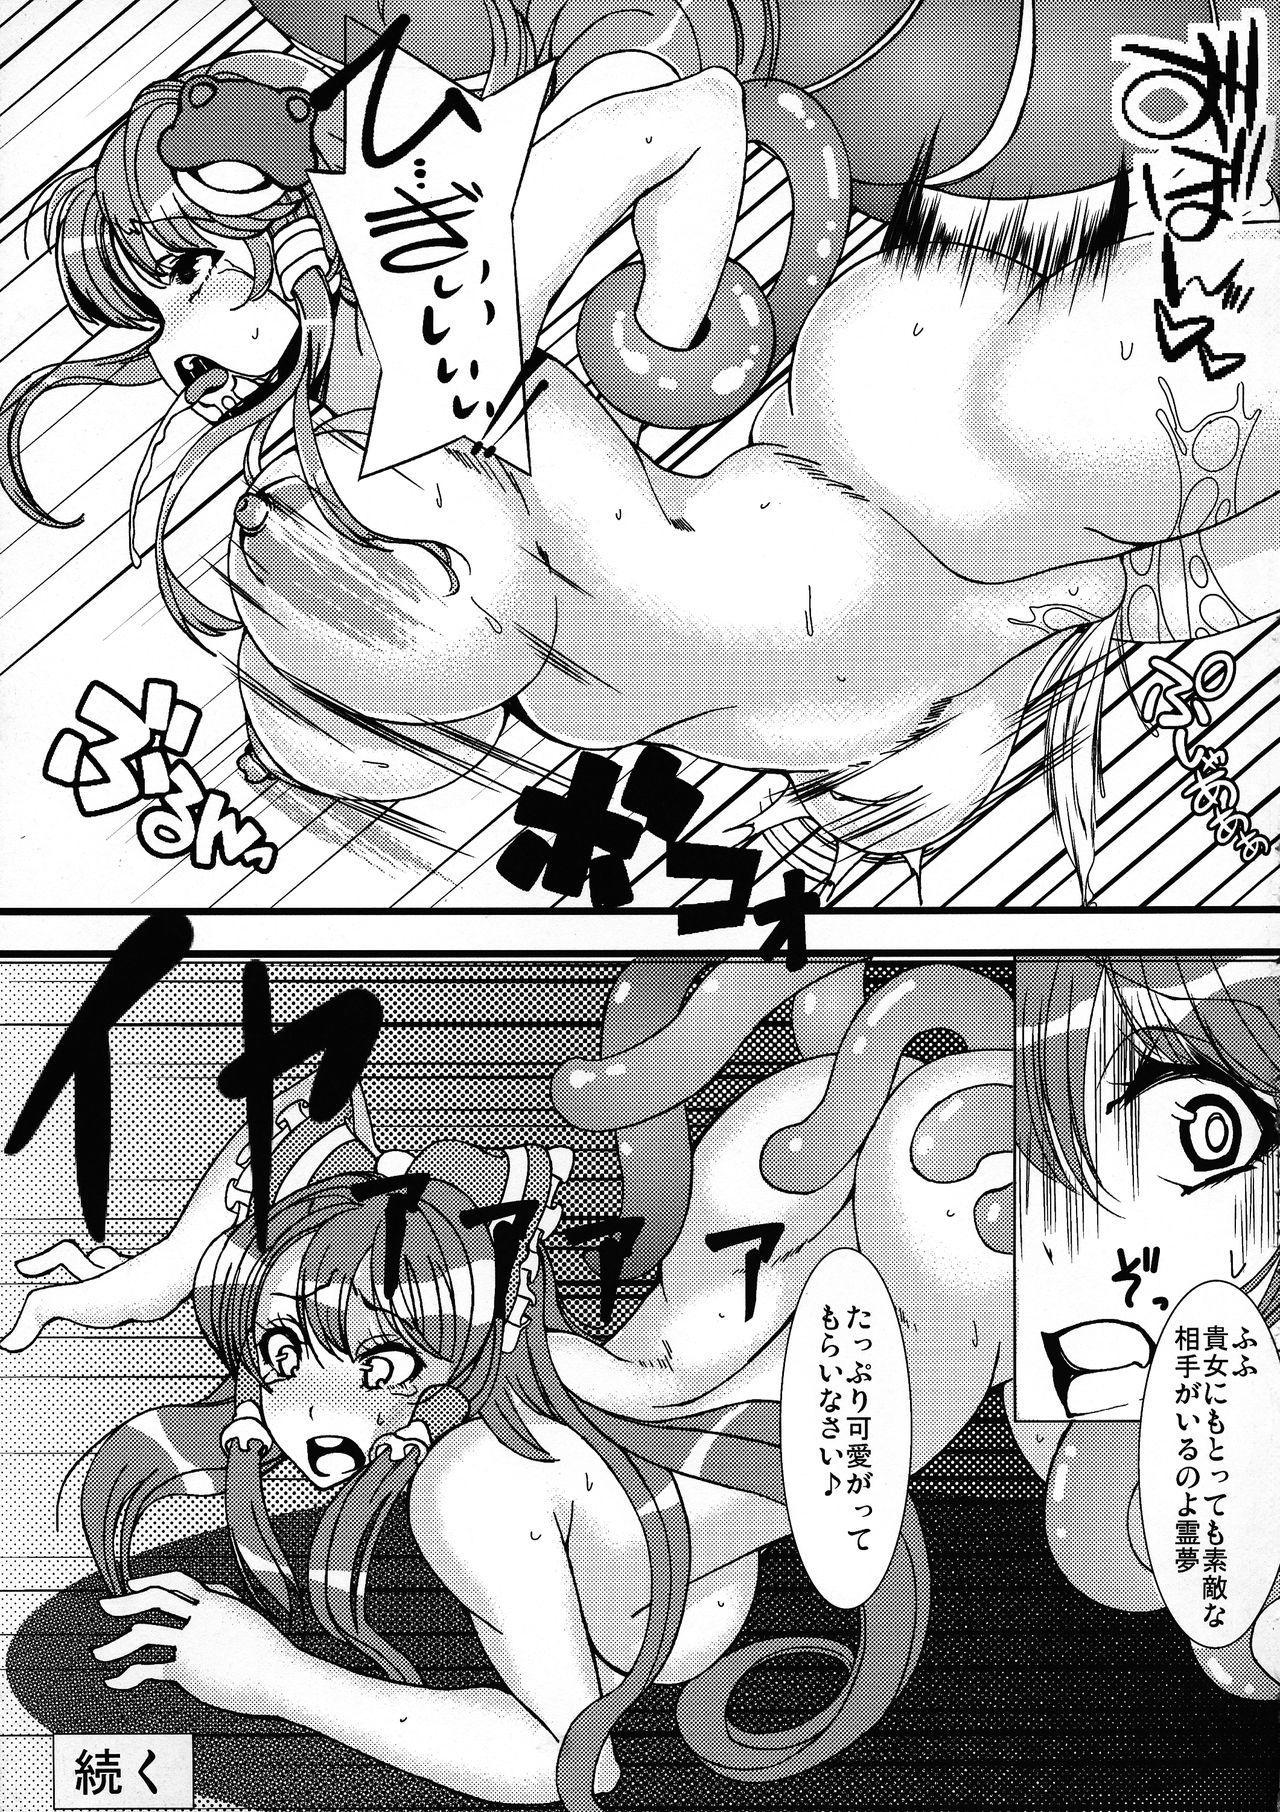 Sanae to Reimu ga Shokushu ni Sugoi Koto sarechau Hon 16